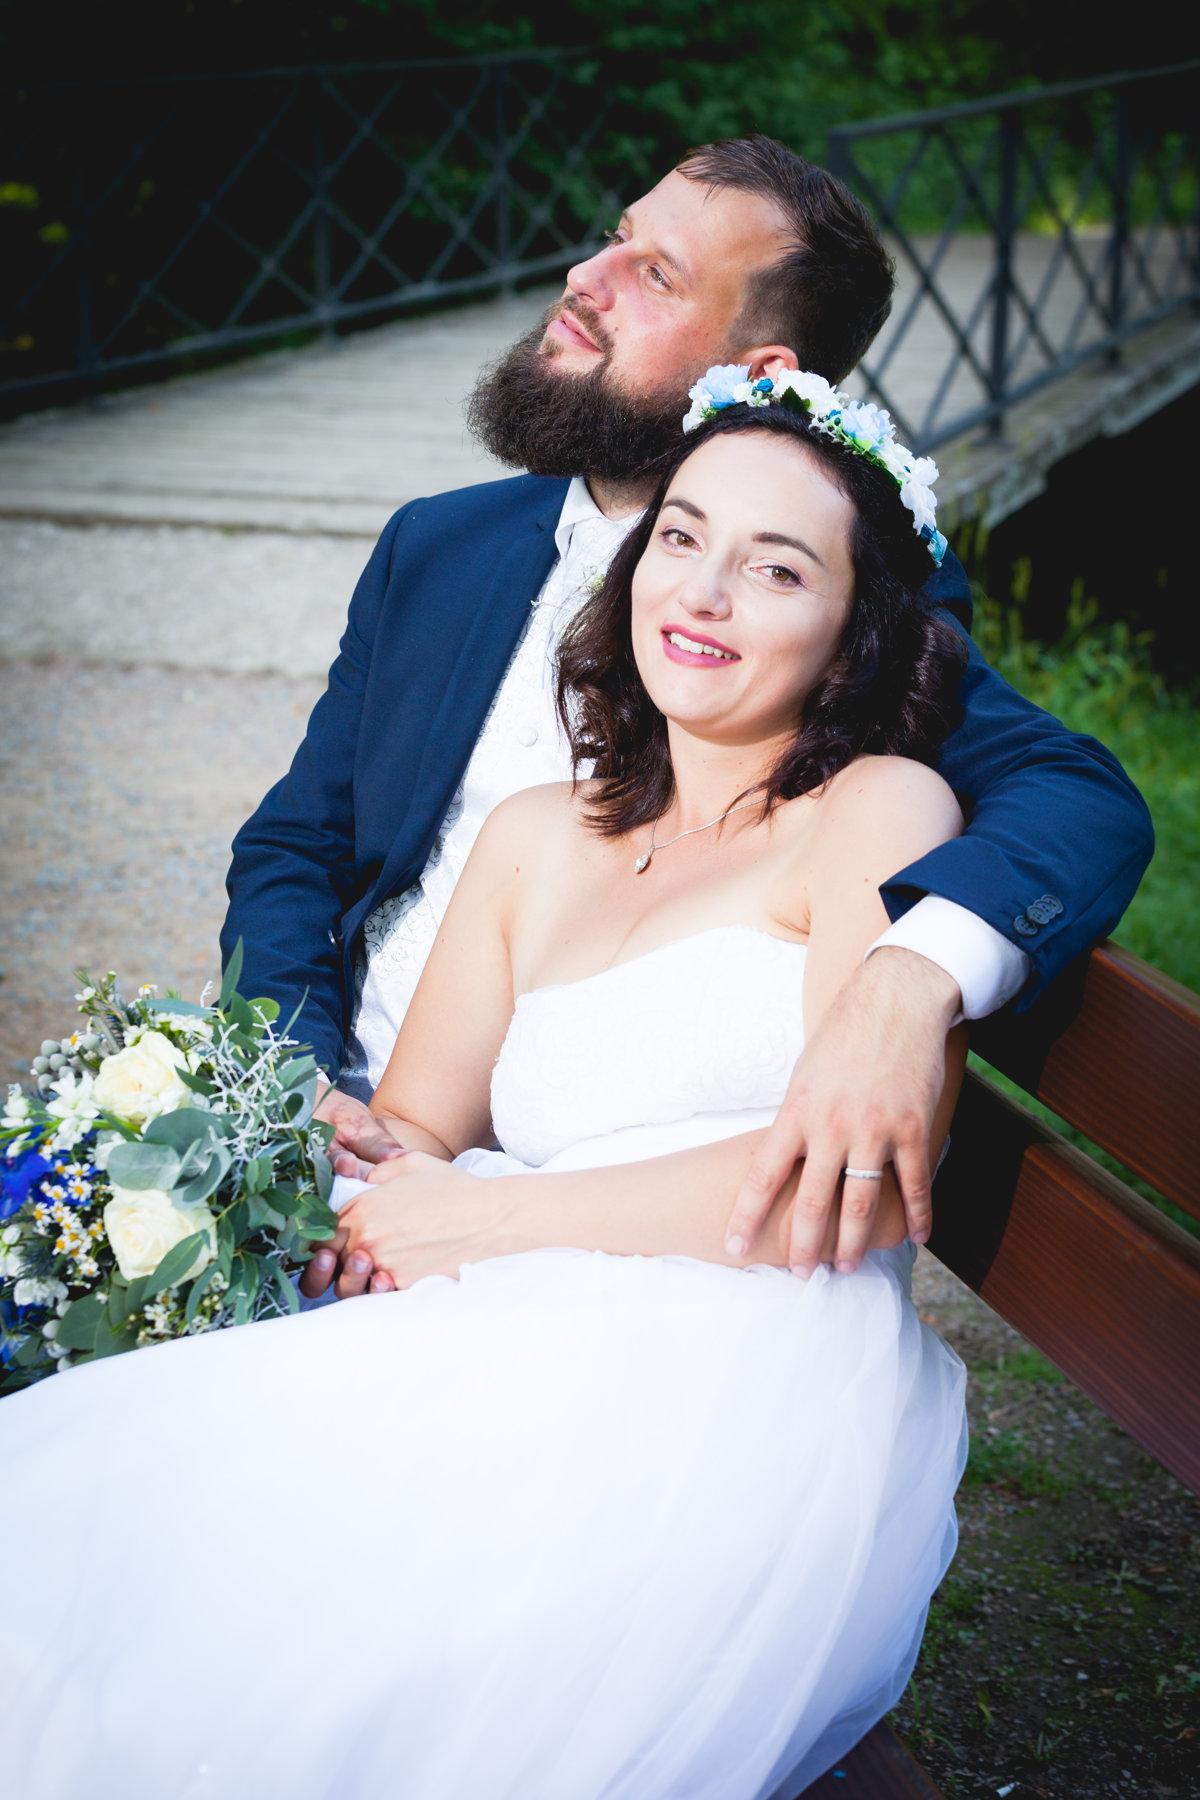 Svatební portrét, sezení na lavičce